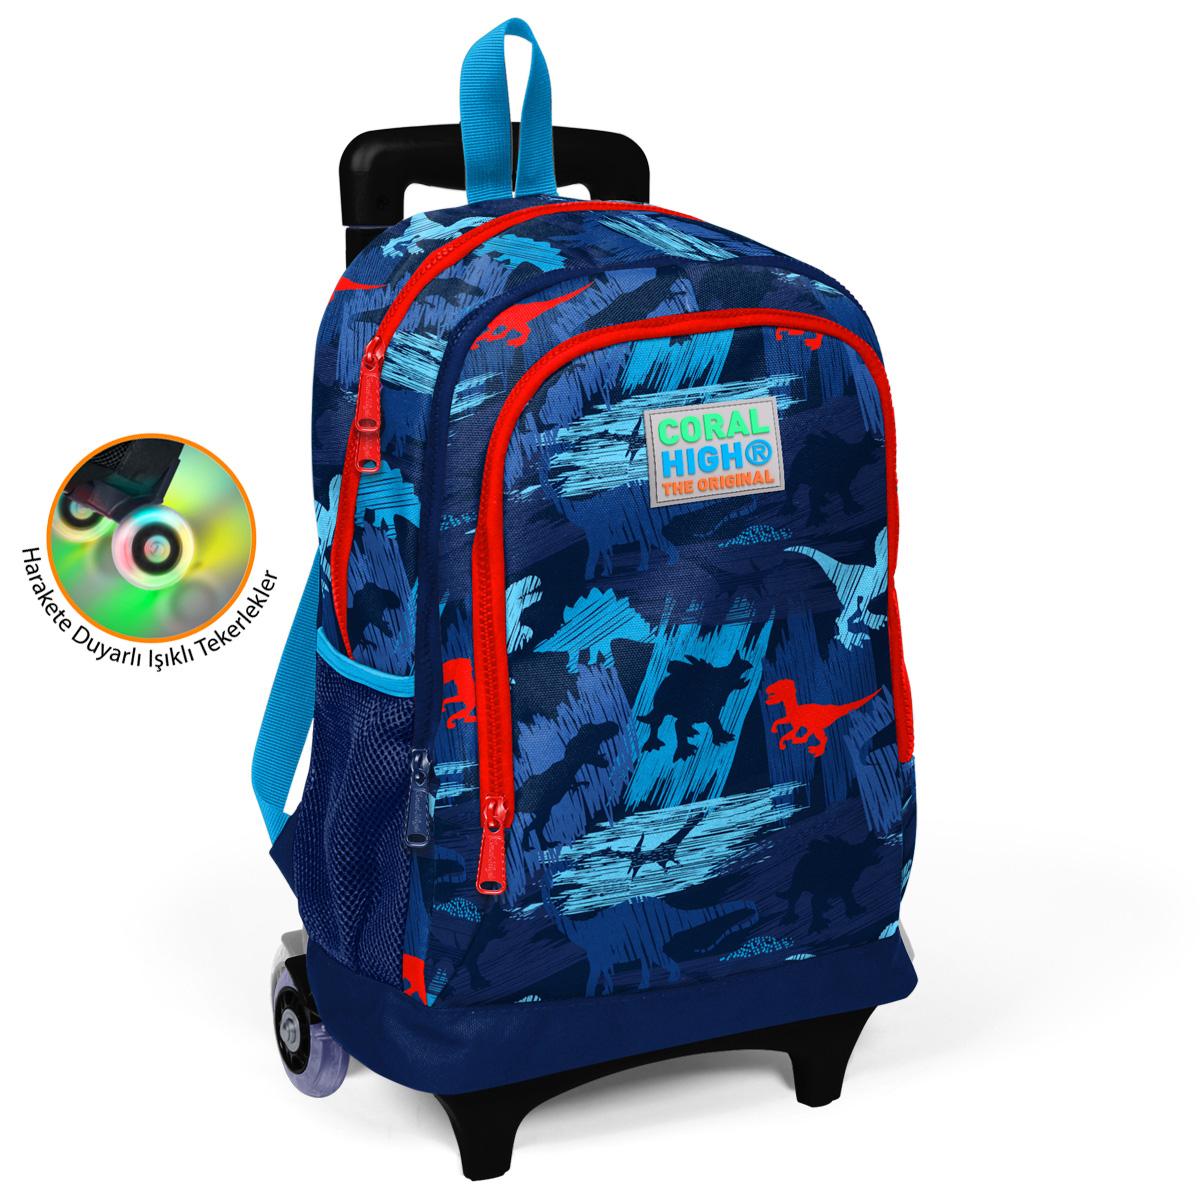 Coral High KIDS - Coral High Kids Lacivert Mavi Dinazor Desenli Işıklı Tekerlekli İki Bölmeli Çekçekli Sırt Çantası